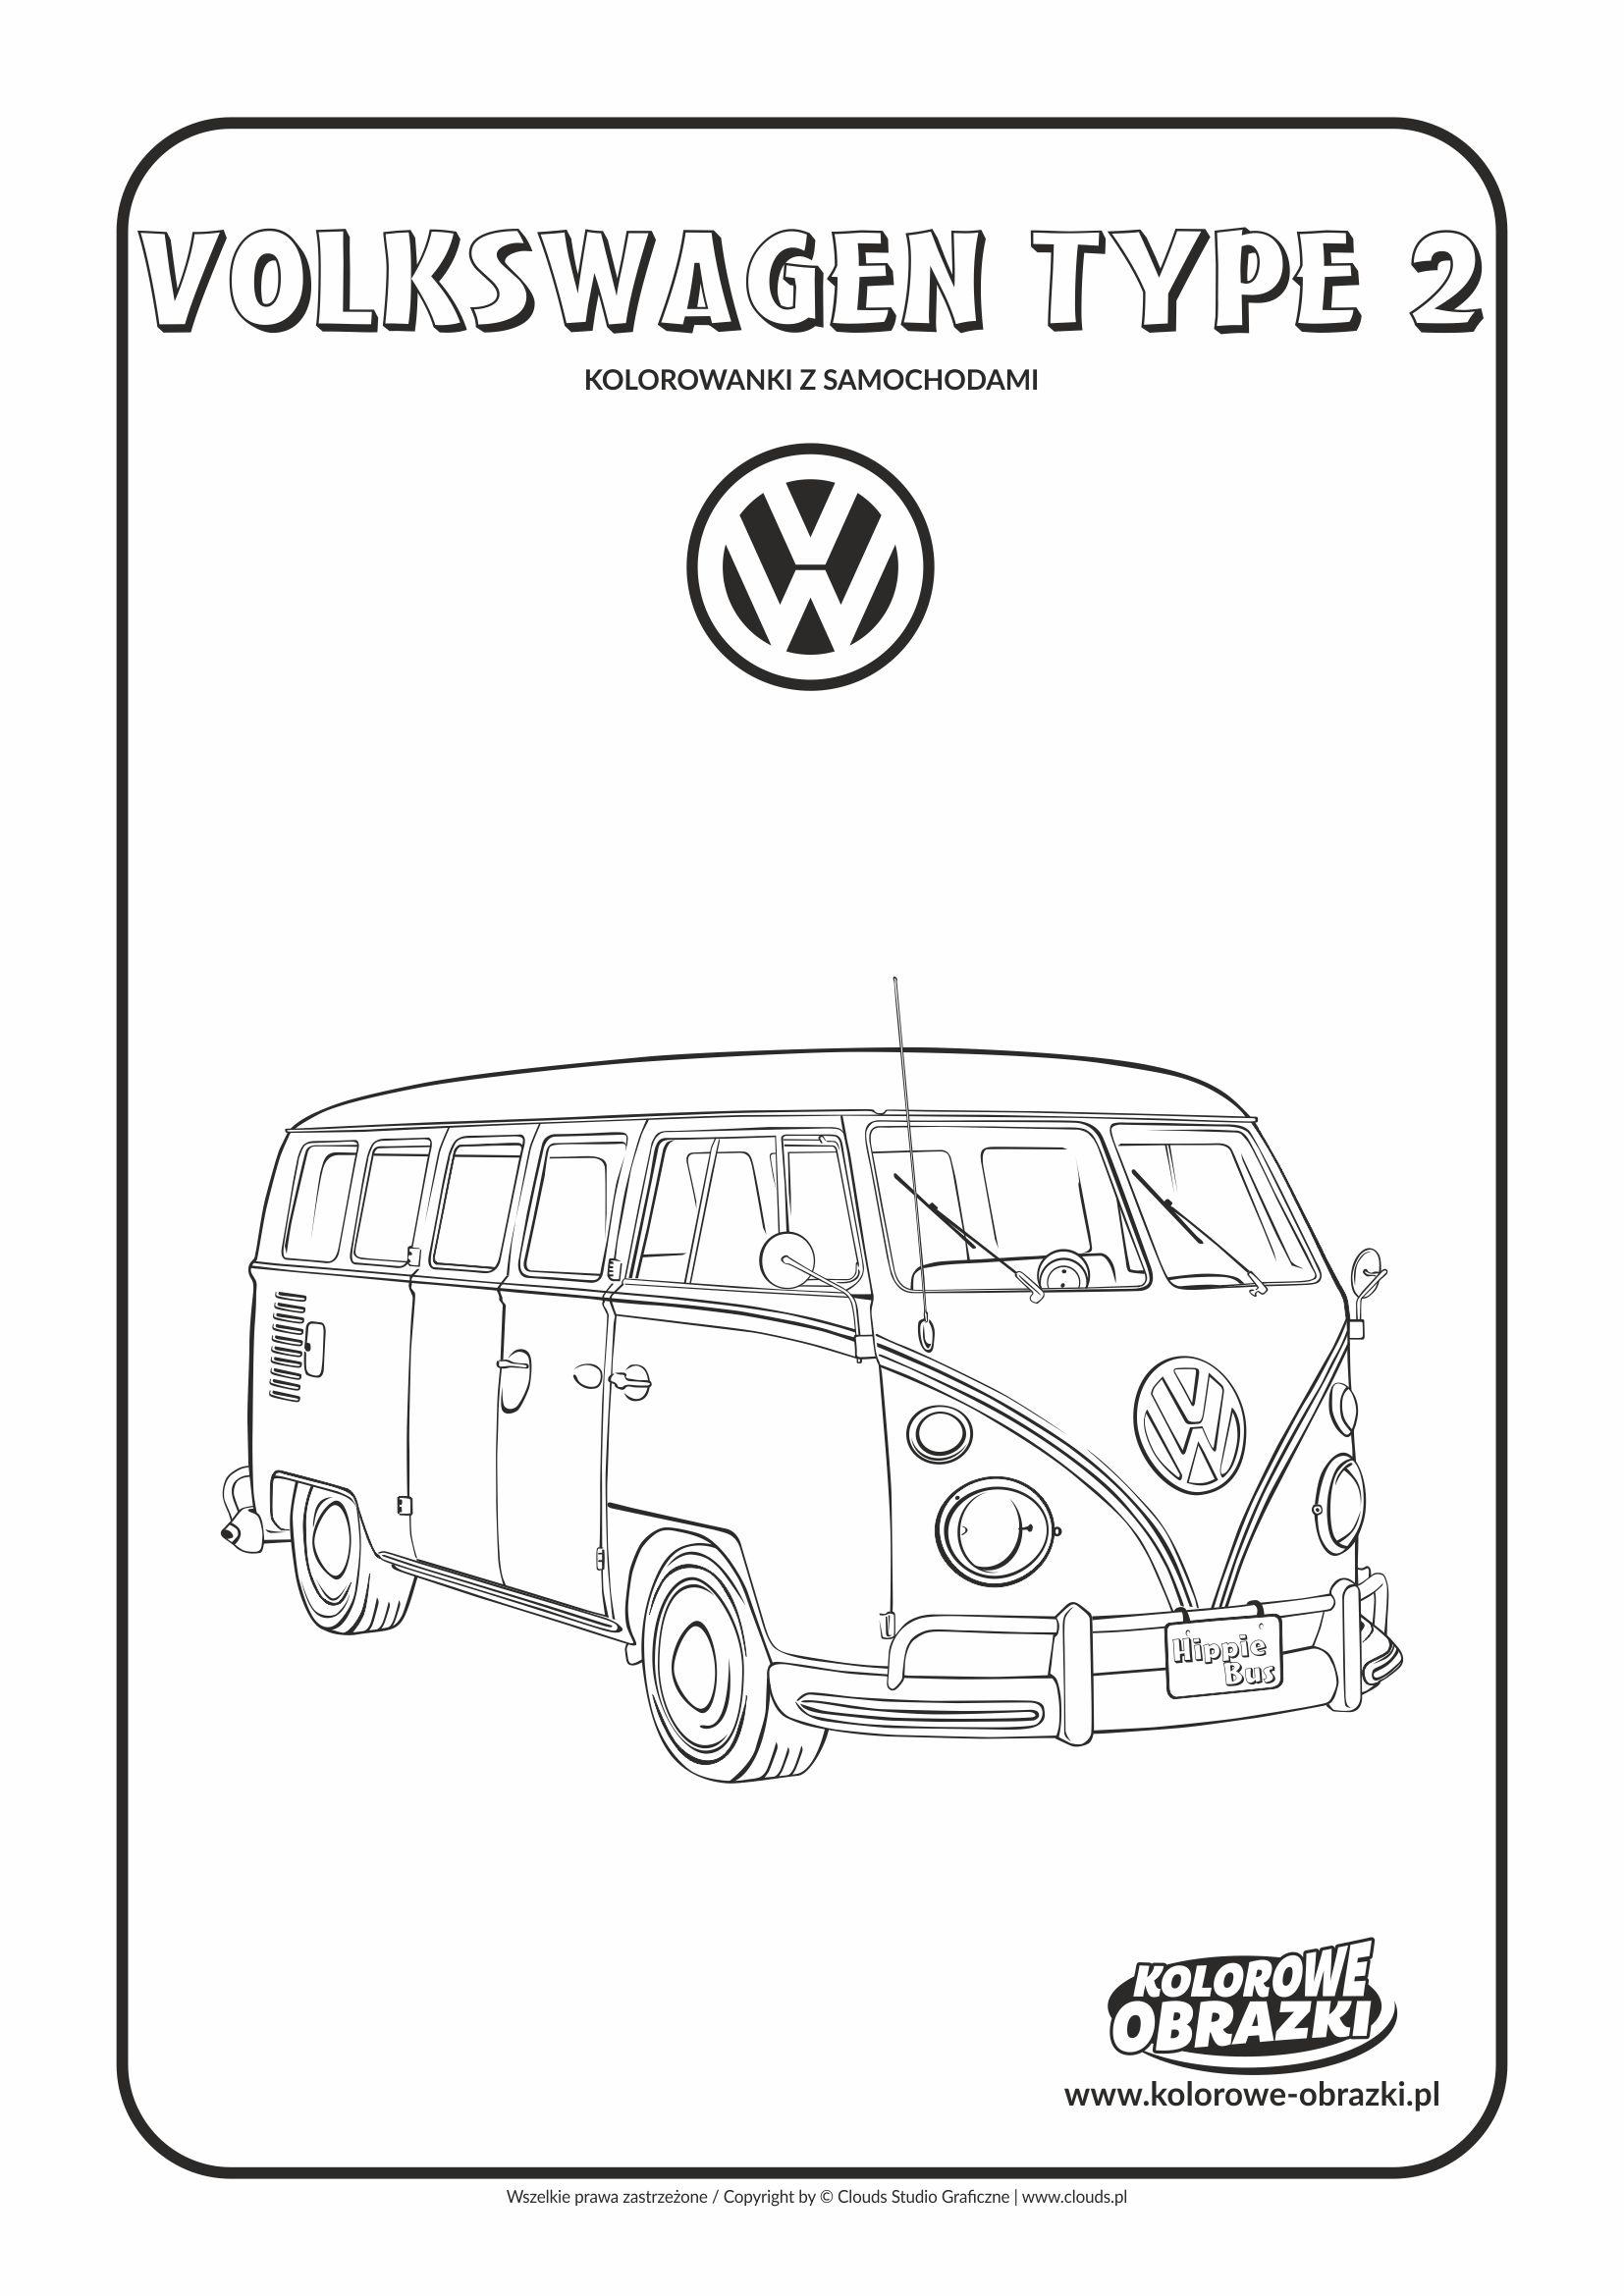 Kolorowanki dla dzieci - Pojazdy / Volkswagen Type 2. Kolorowanka z Volkswagenem Type 2